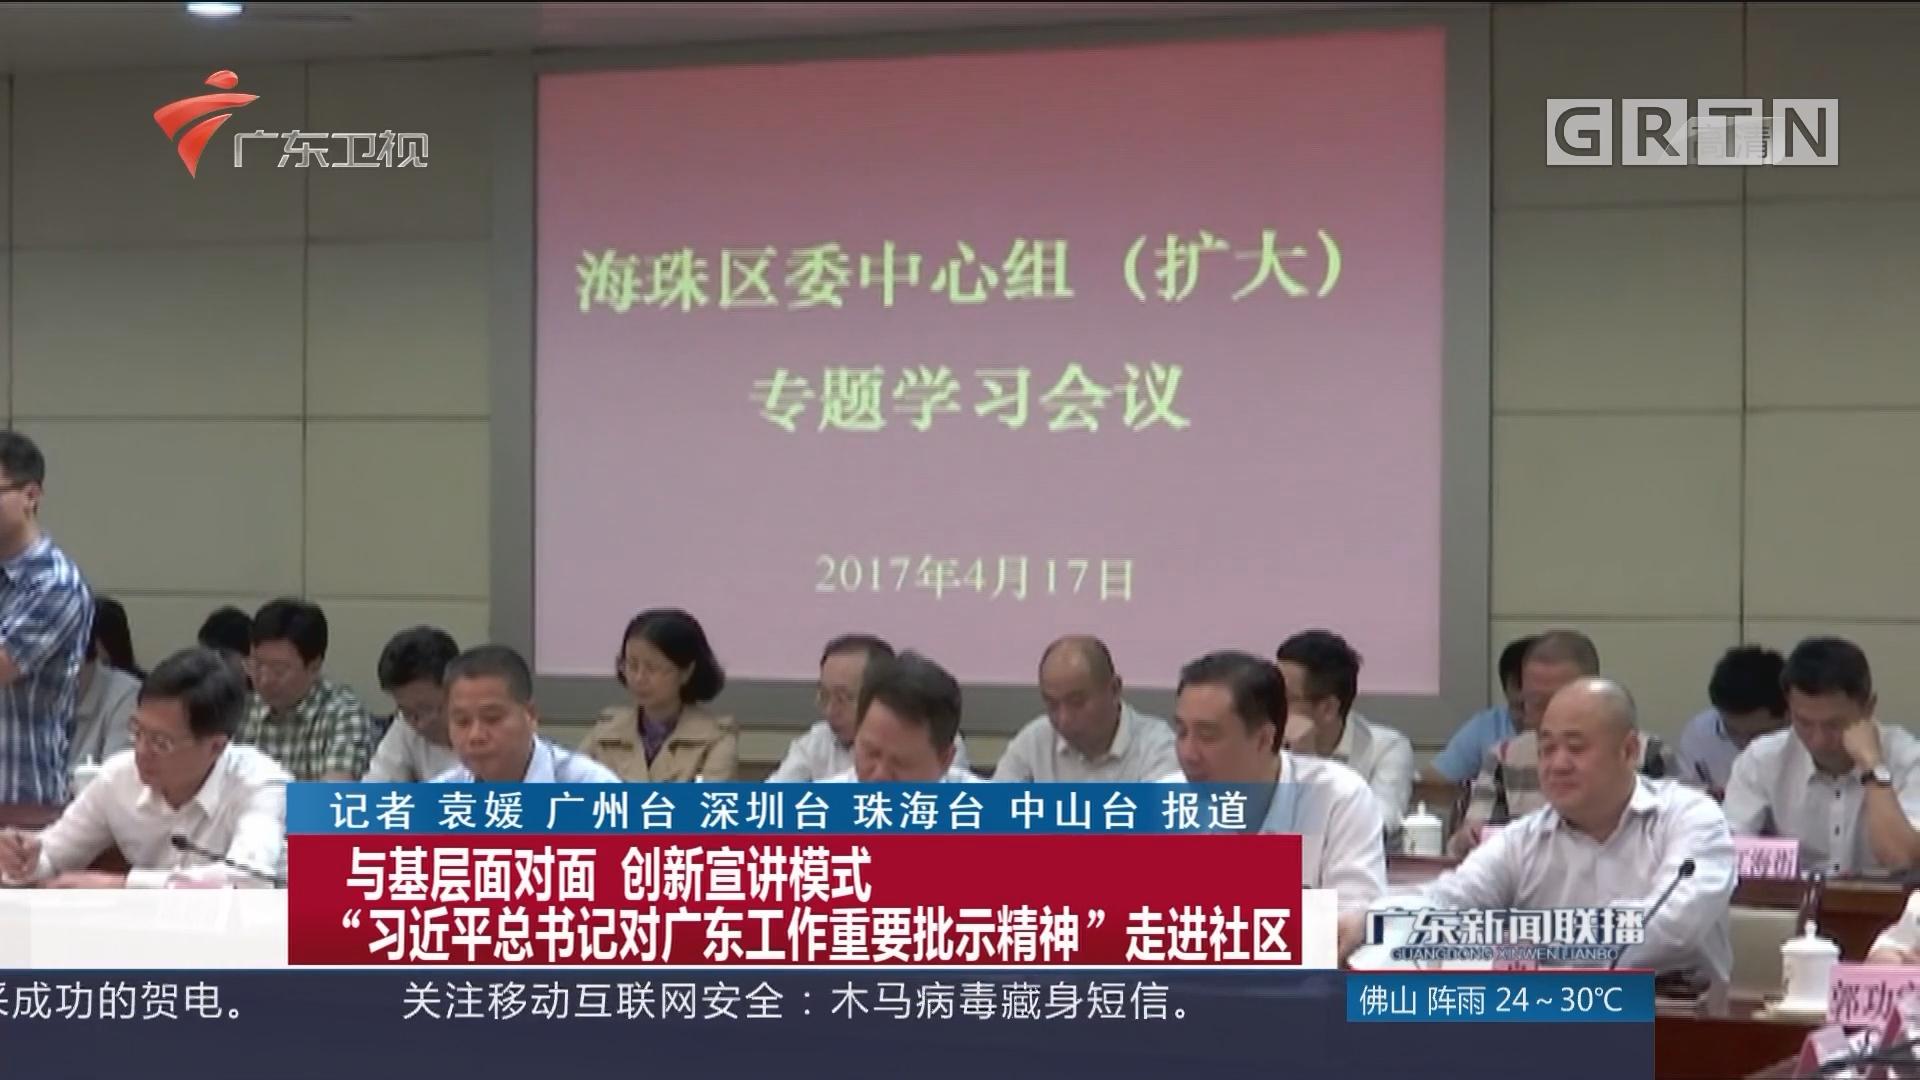 """与基层面对面 创新宣讲模式 """"习近平总书记对广东工作重要批示精神""""走进社区"""